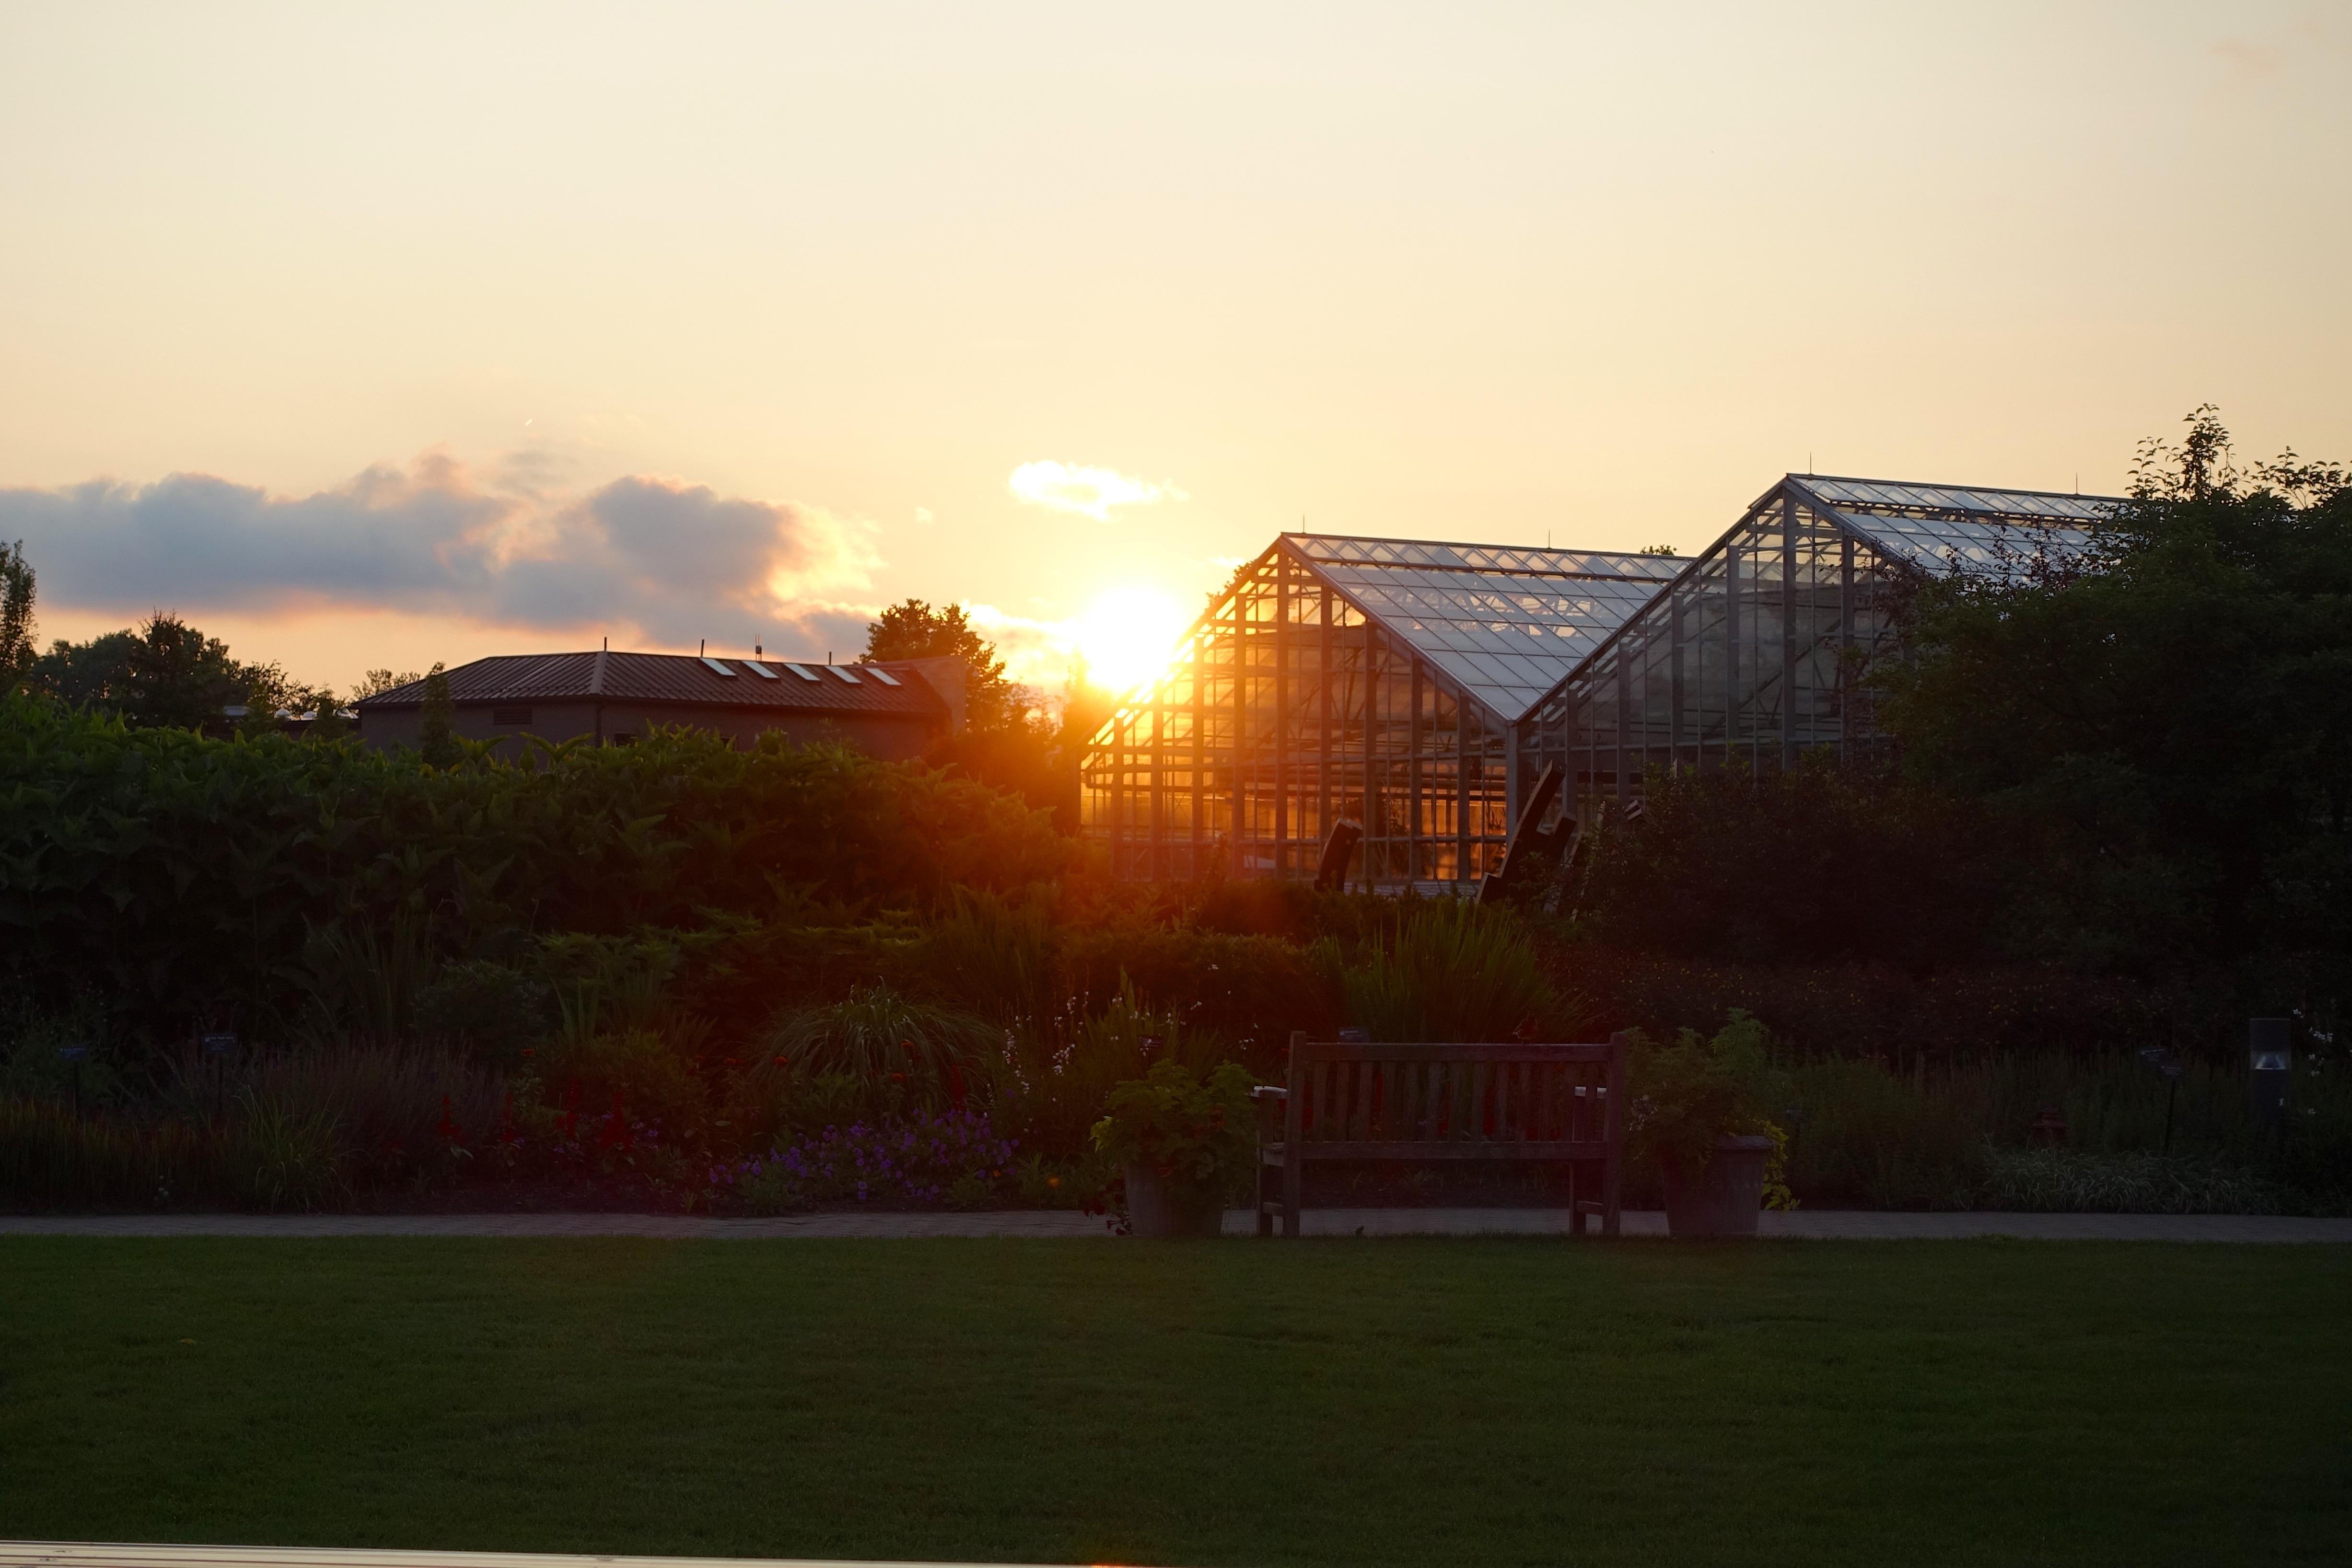 Sunset at Meijer Garden